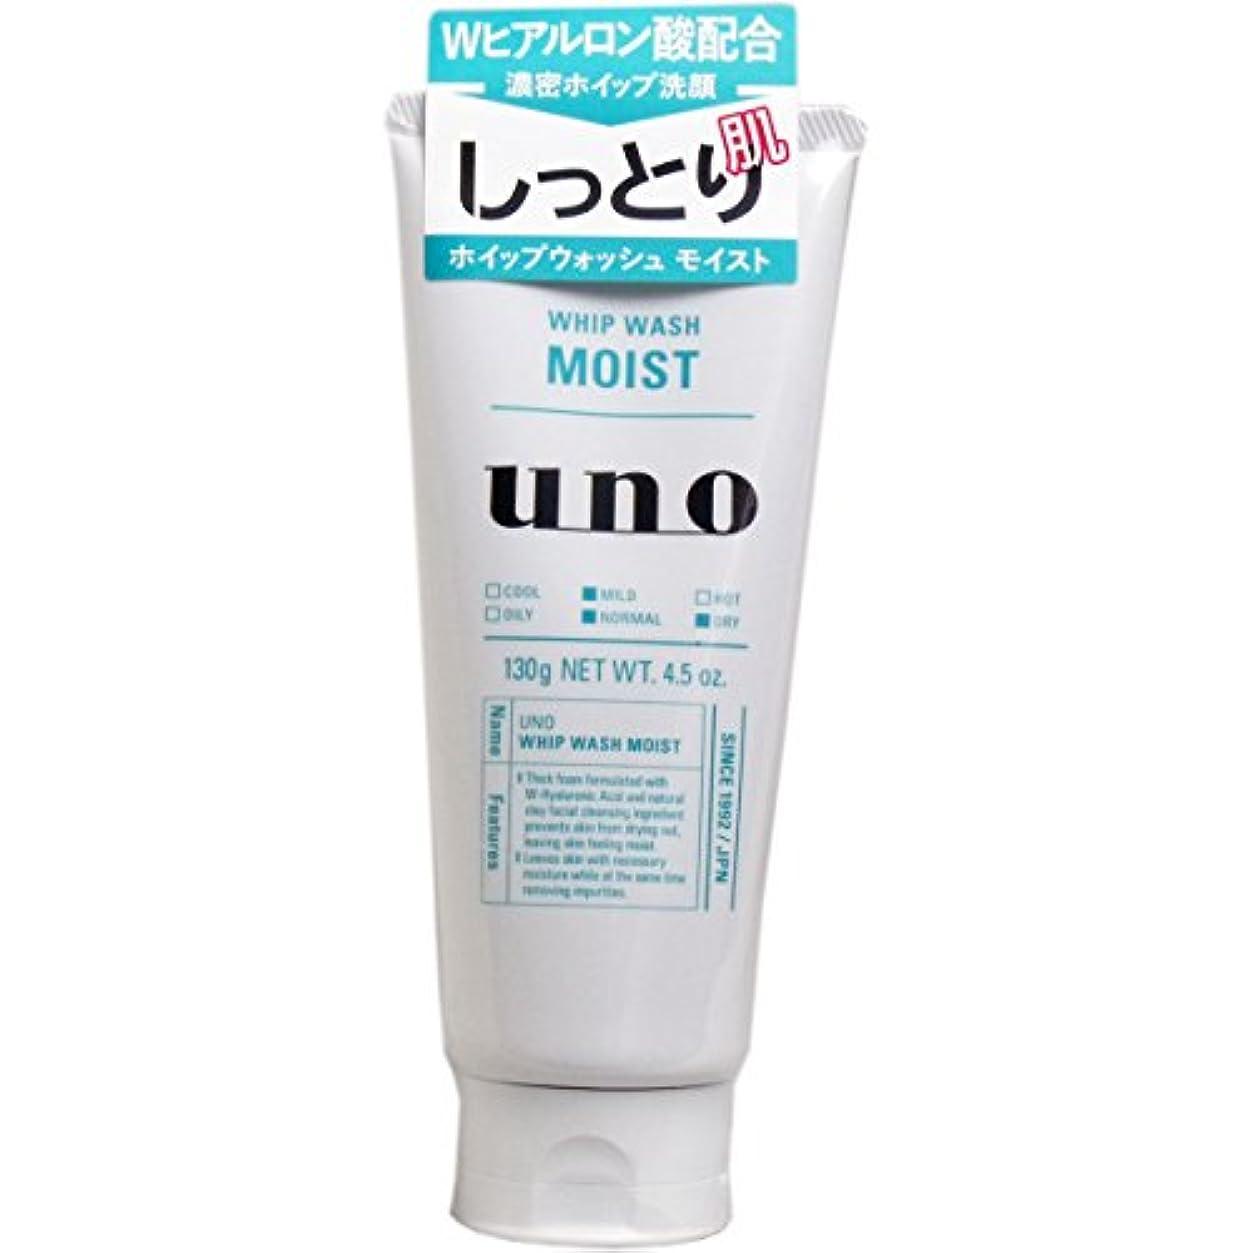 幸運な口ひげ怠な【資生堂】ウーノ(uno) ホイップウォッシュ (モイスト) 130g ×5個セット